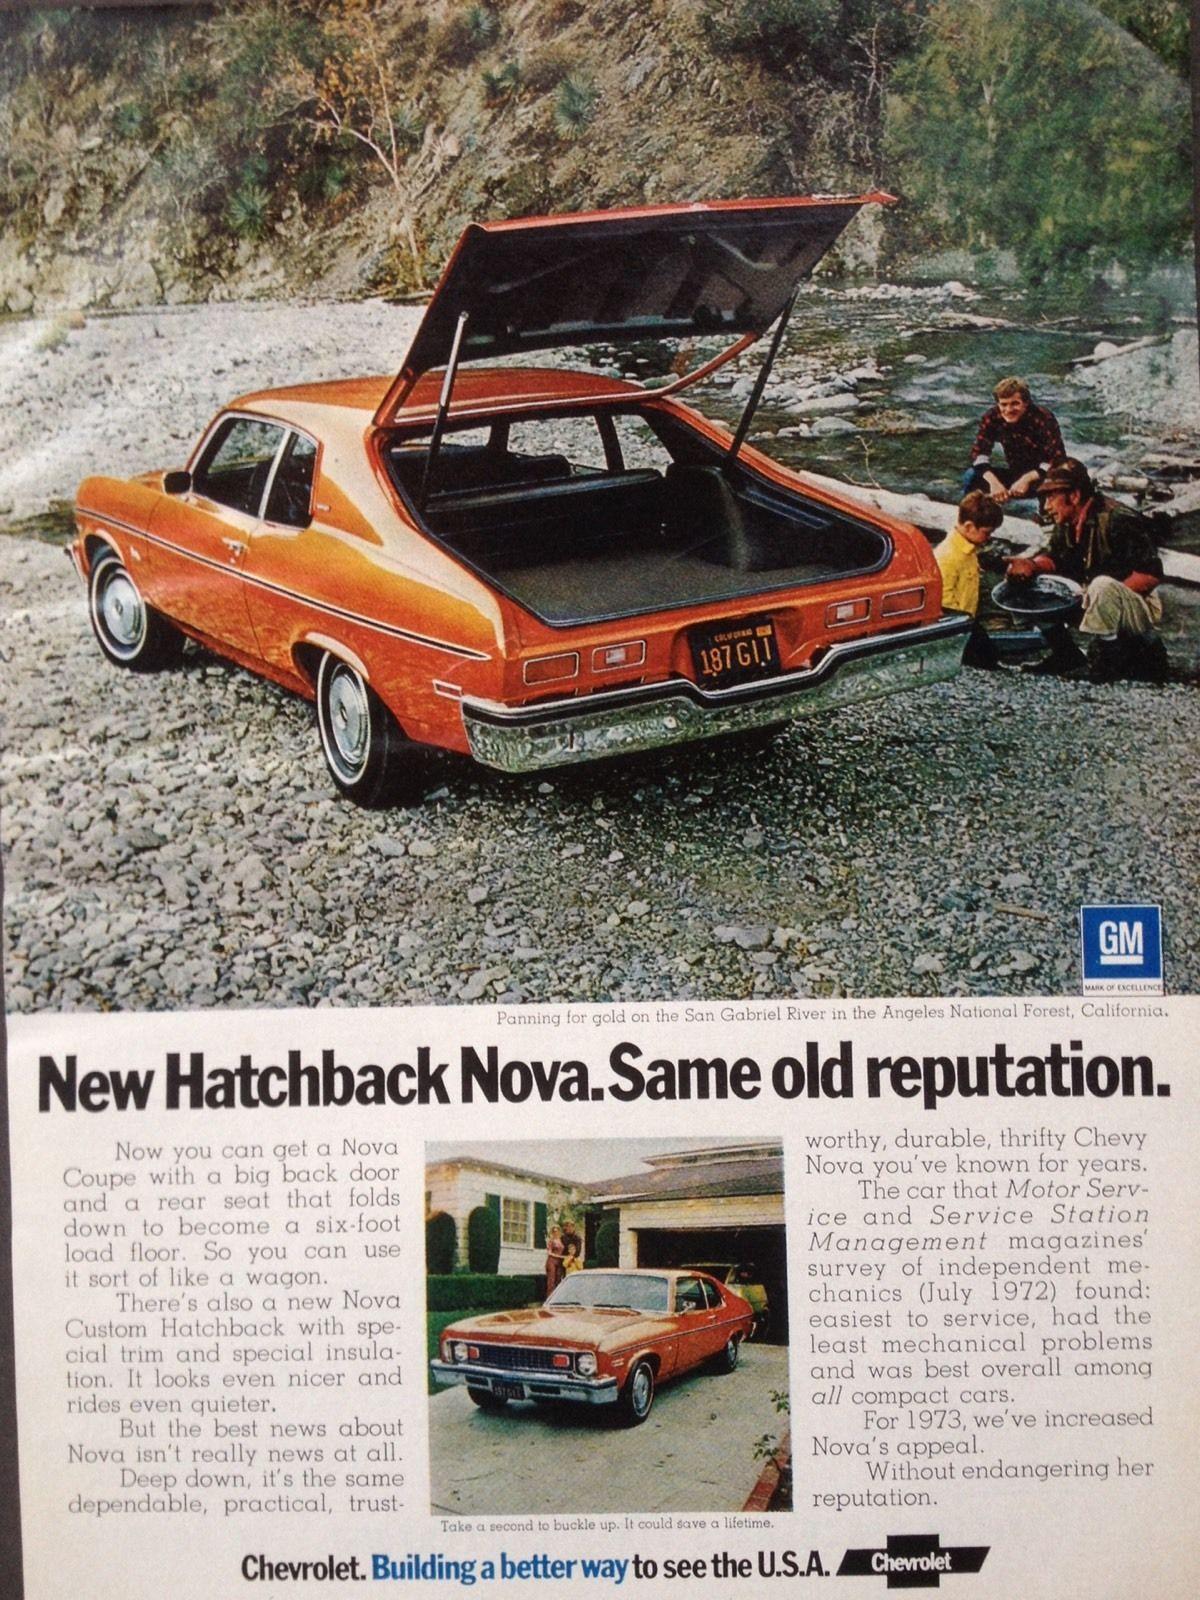 VINTAGE 1973 AD ODL12 73 CHEVROLET NOVA 2 DOOR HATCHBACK